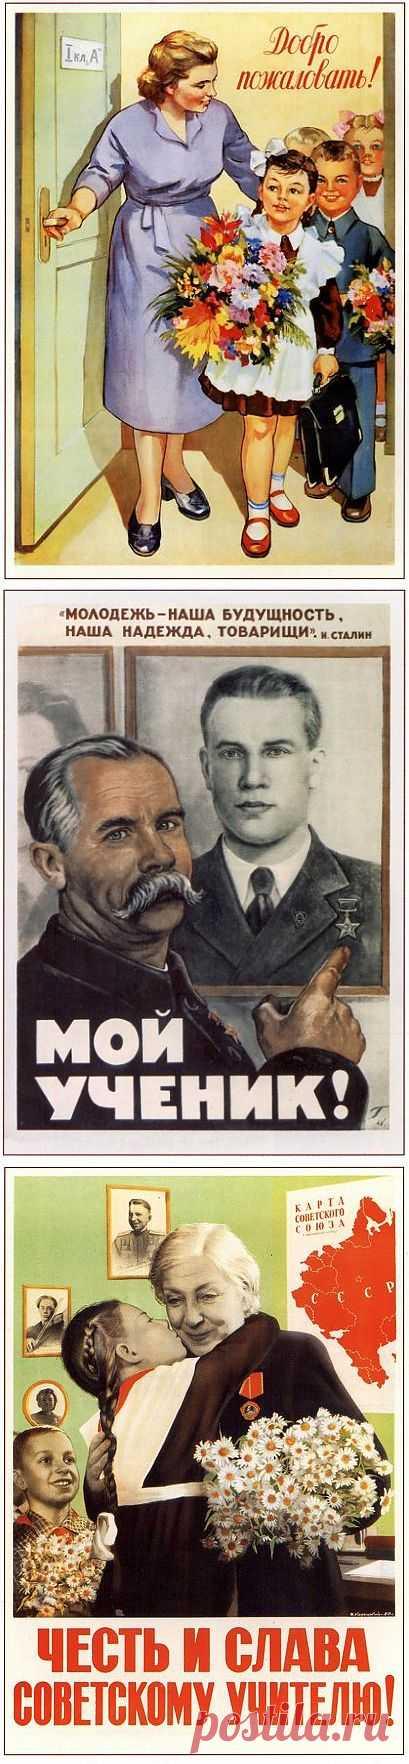 (+1) - Винтажные плакаты СССР и пропаганда учебы | Дети перестройки